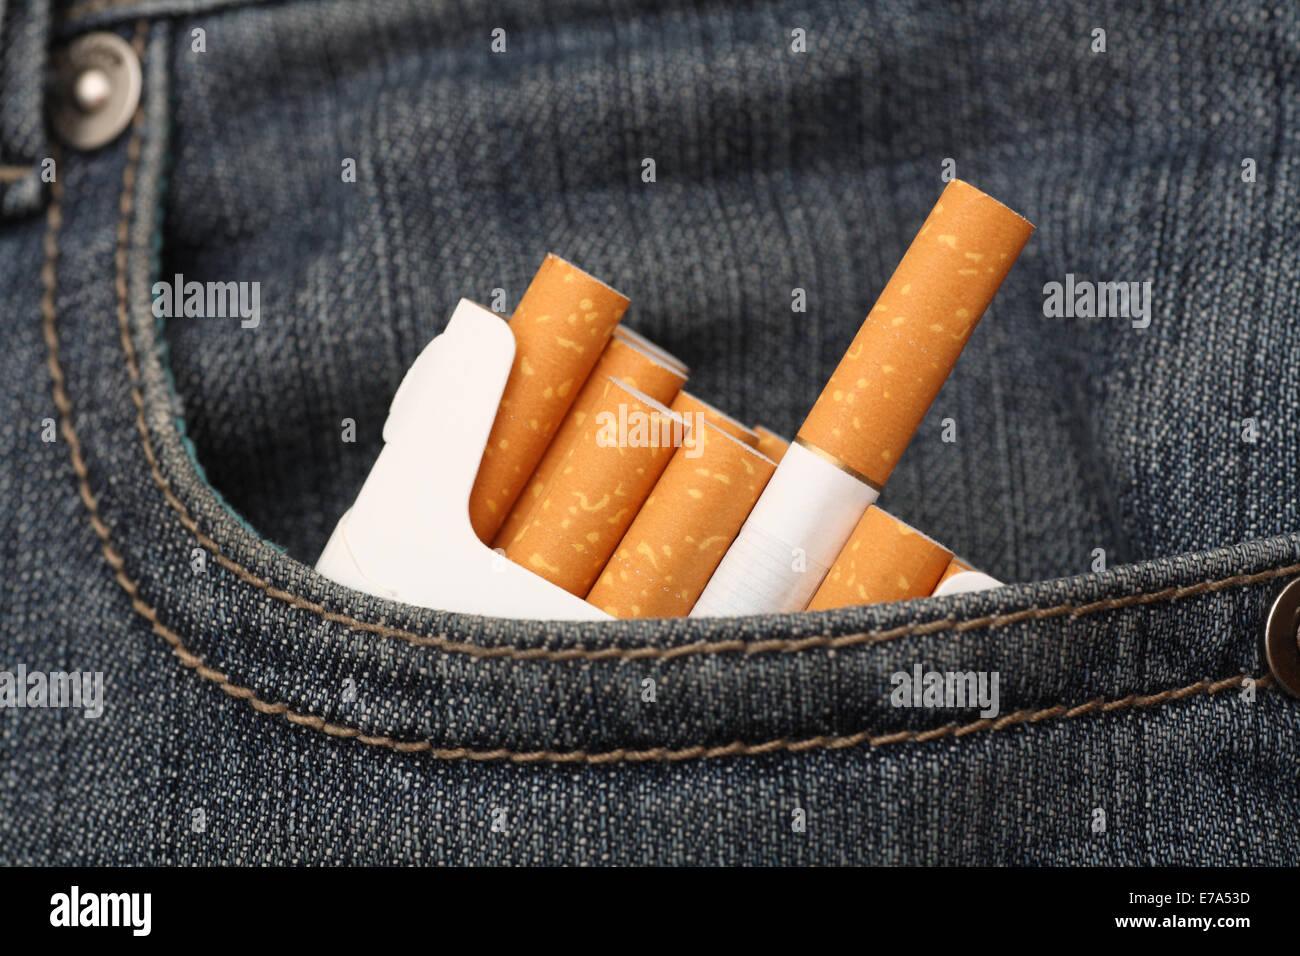 b2817172d Paquete de cigarrillos en el bolsillo de los pantalones vaqueros. Closeup.